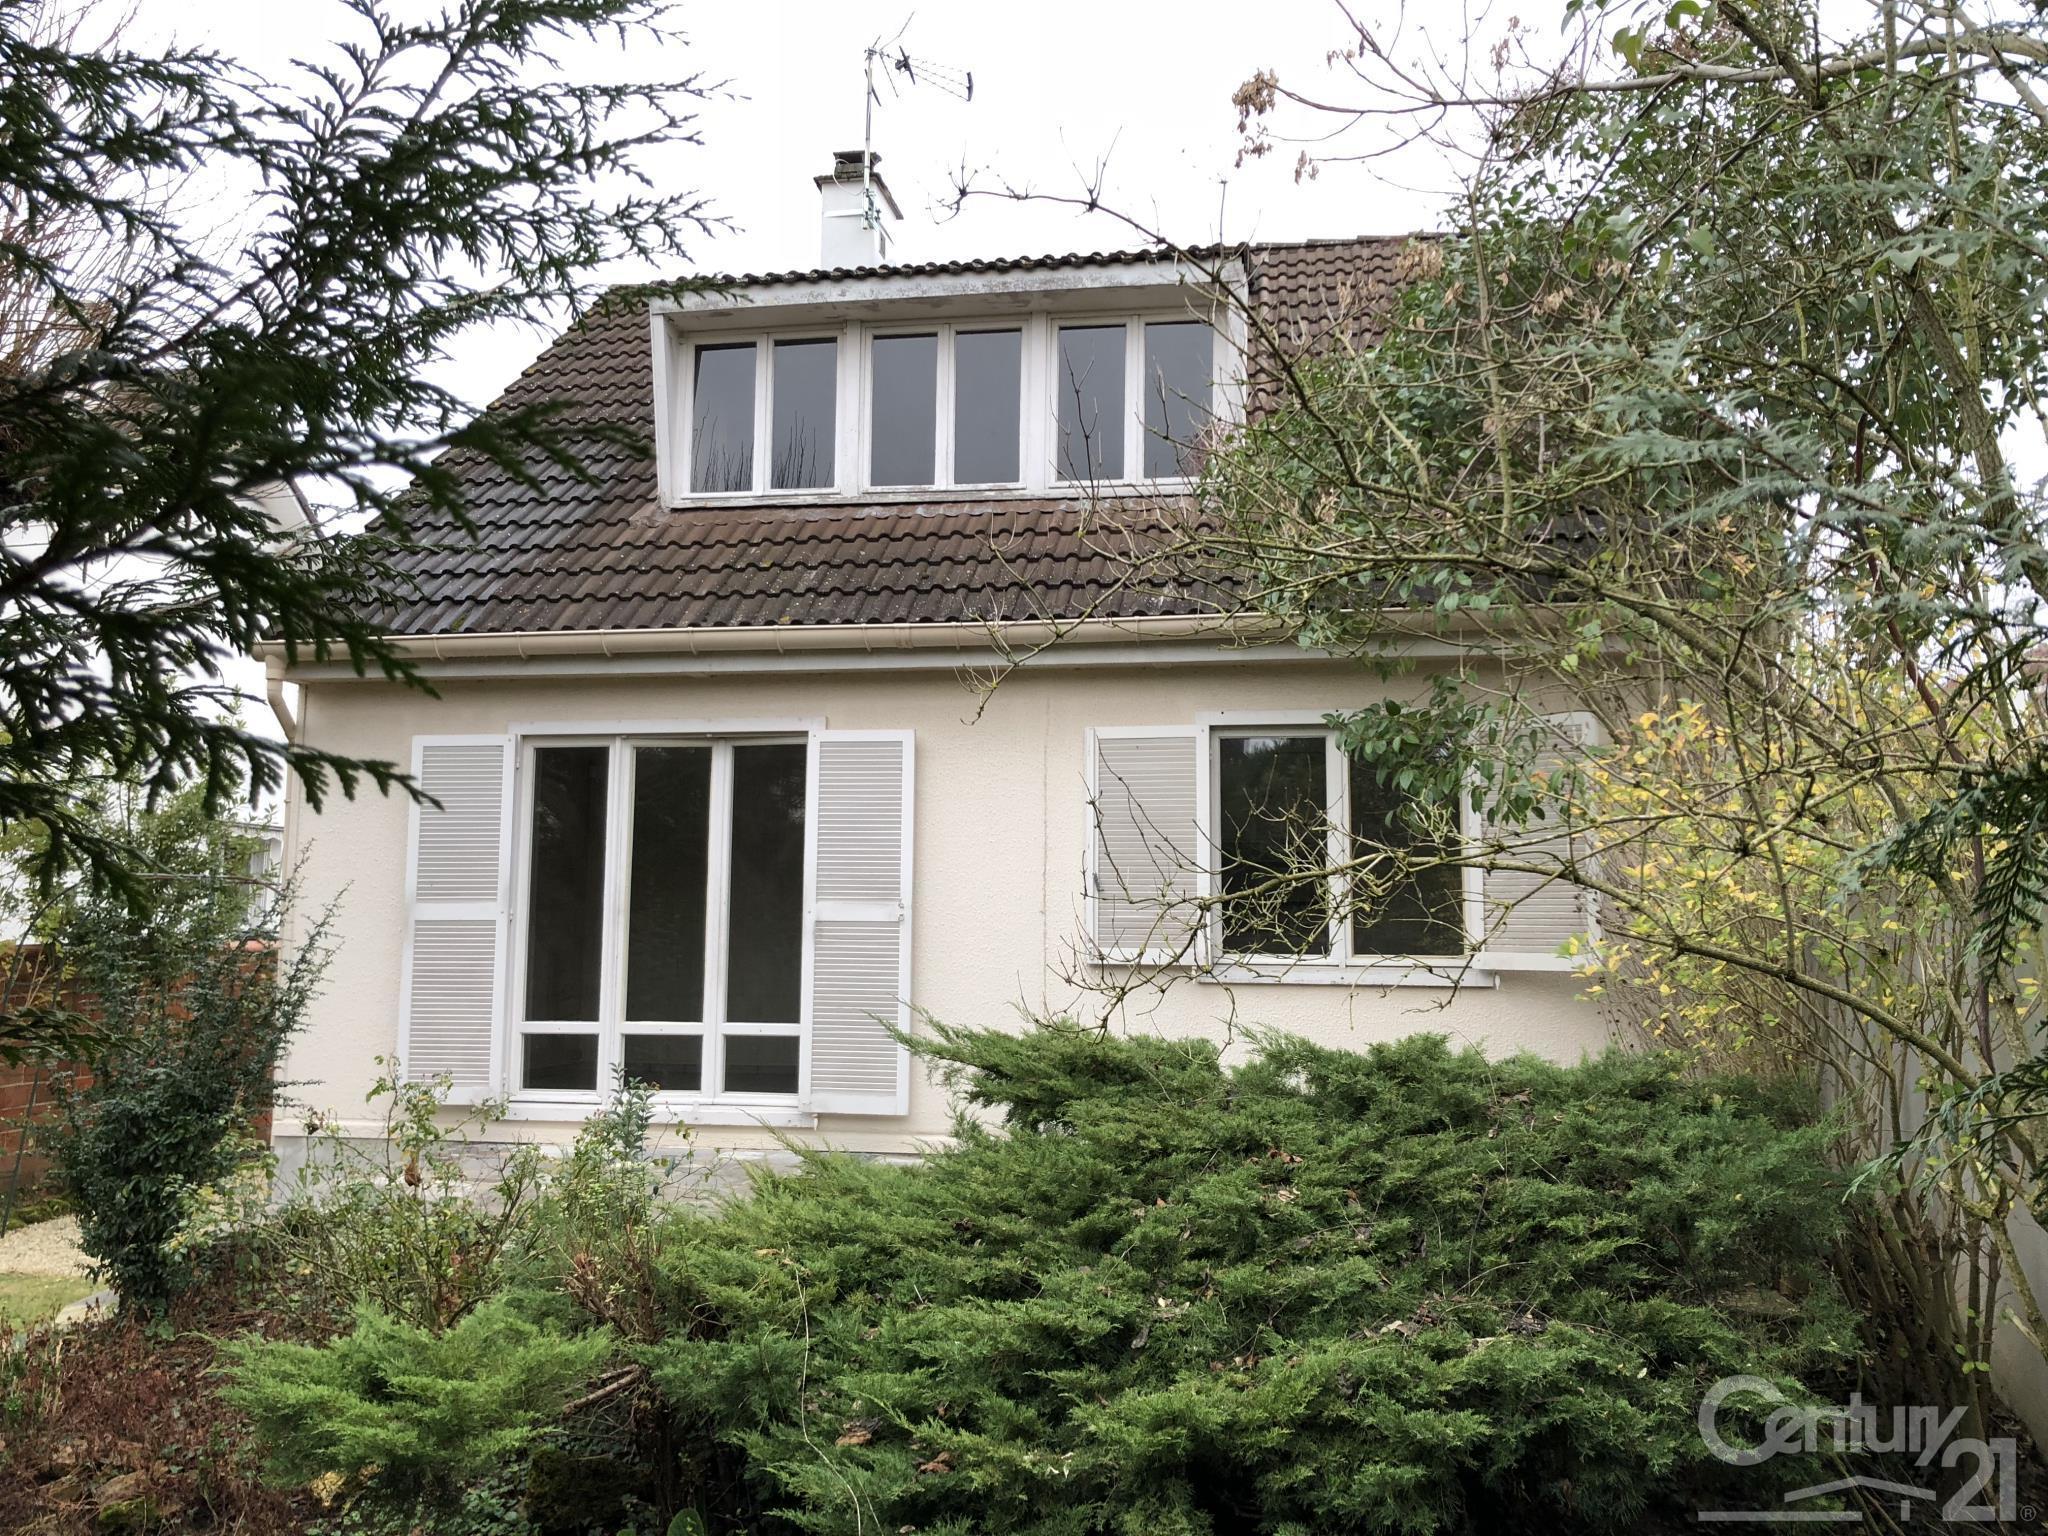 Century 21 Maisons Alfort Fabulous Maison Vendre Pices M Vitry Sur Seine Iledefrance With